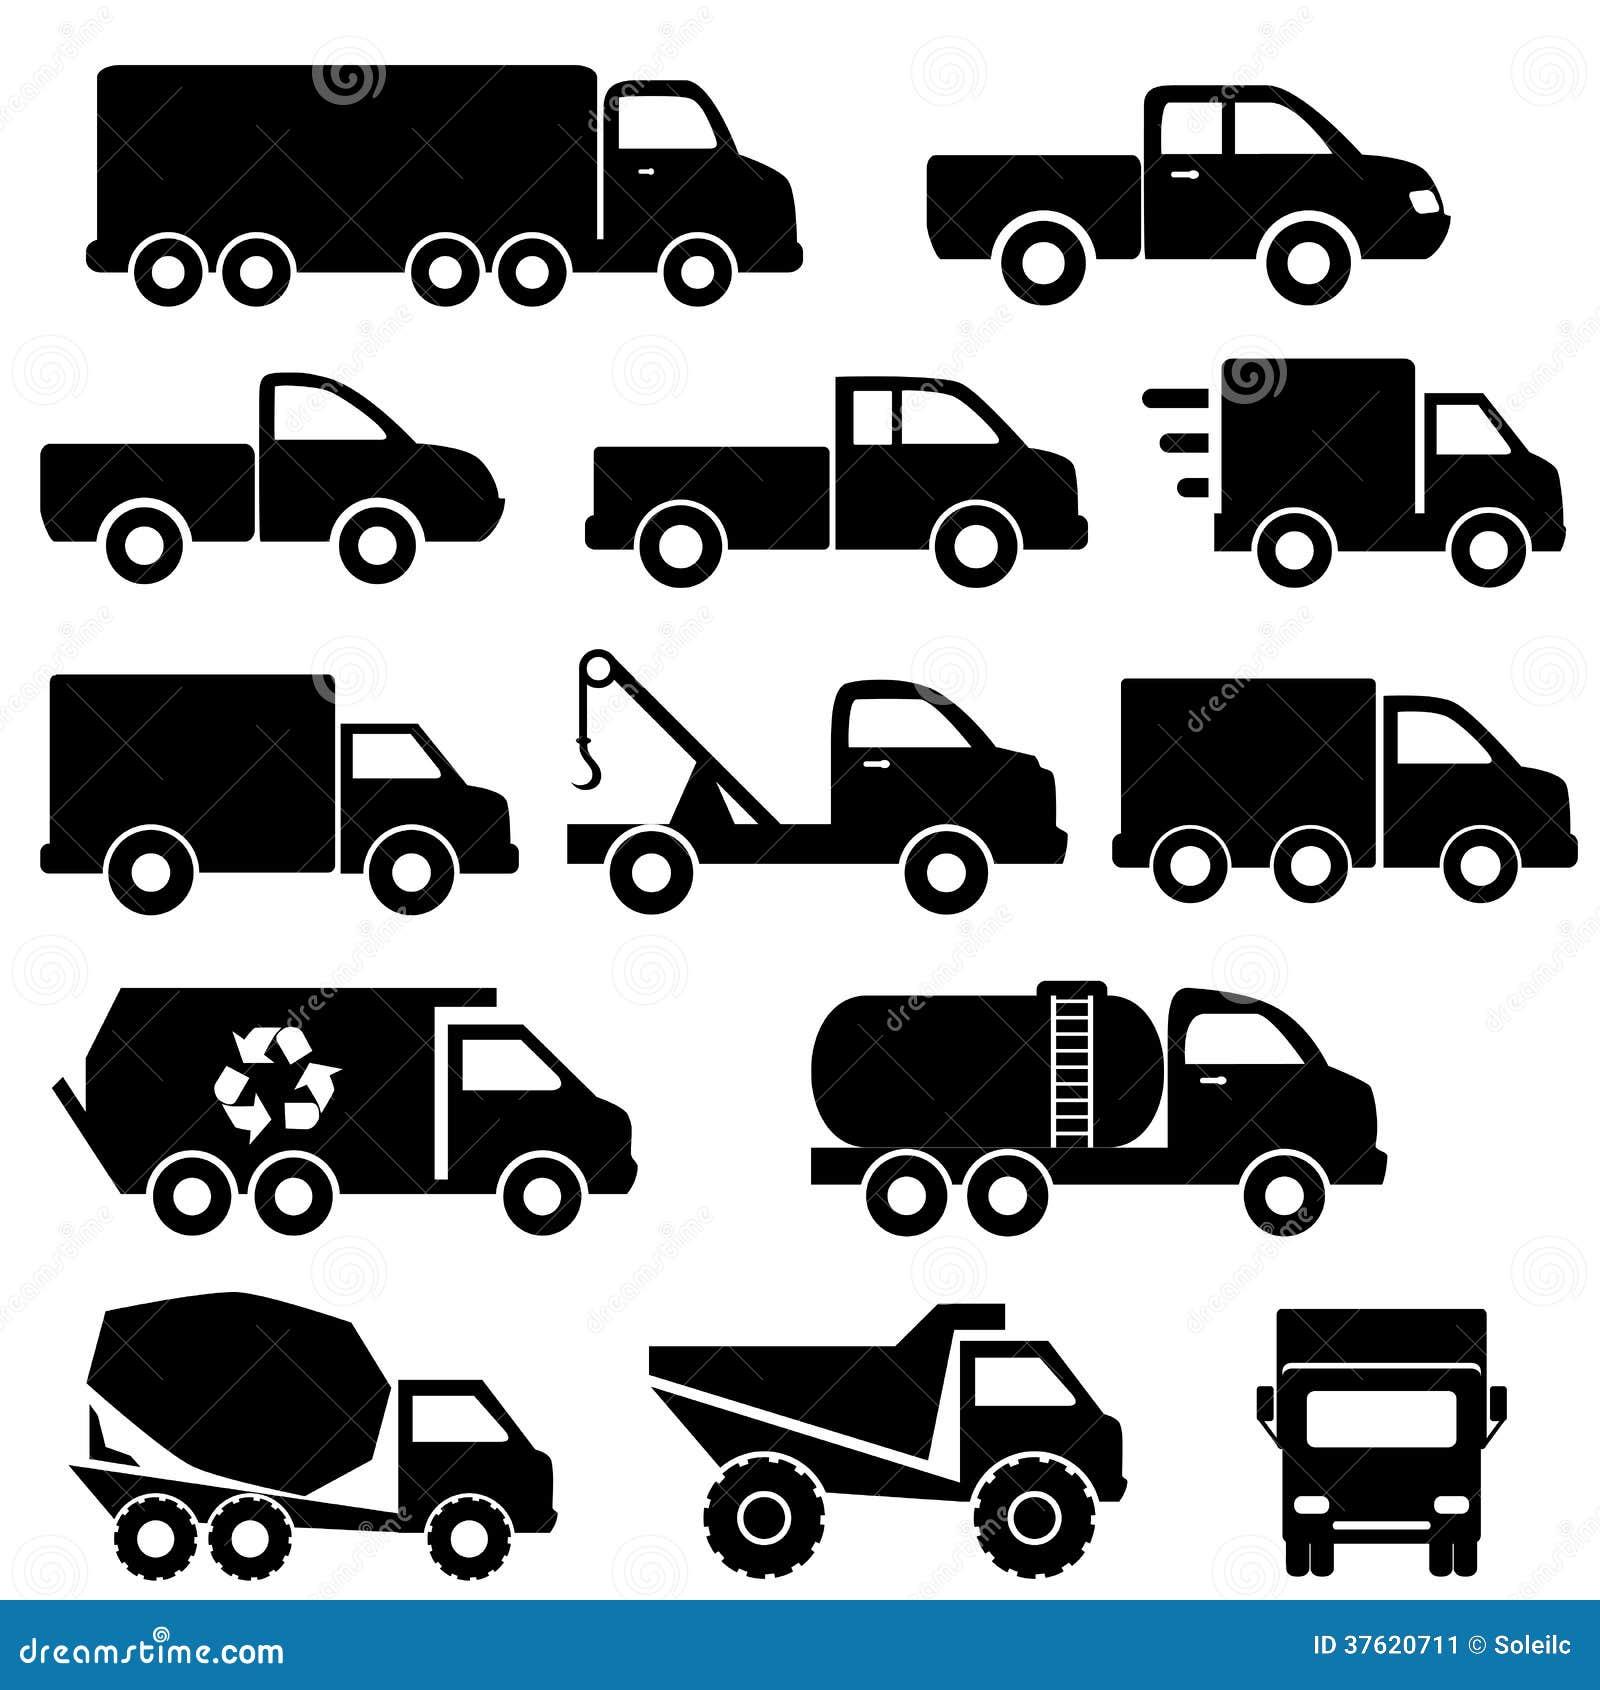 Trucks Icon Set Stock Image - Image: 37620711